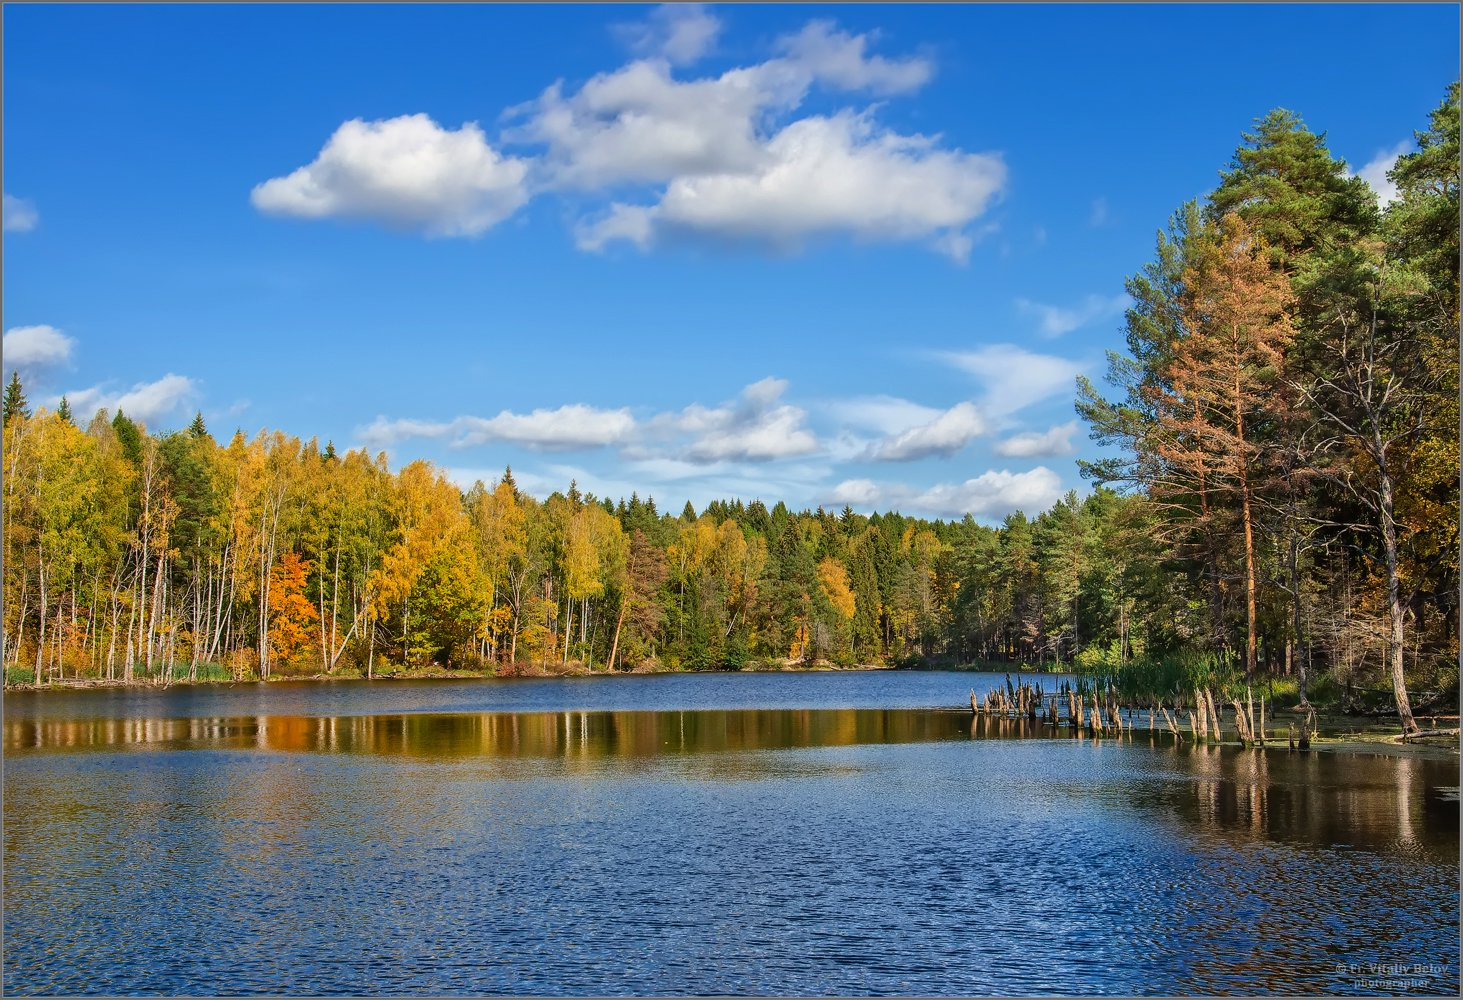 Золотом покрытые леса (снимок сделан 28 сентября 2014 г.)